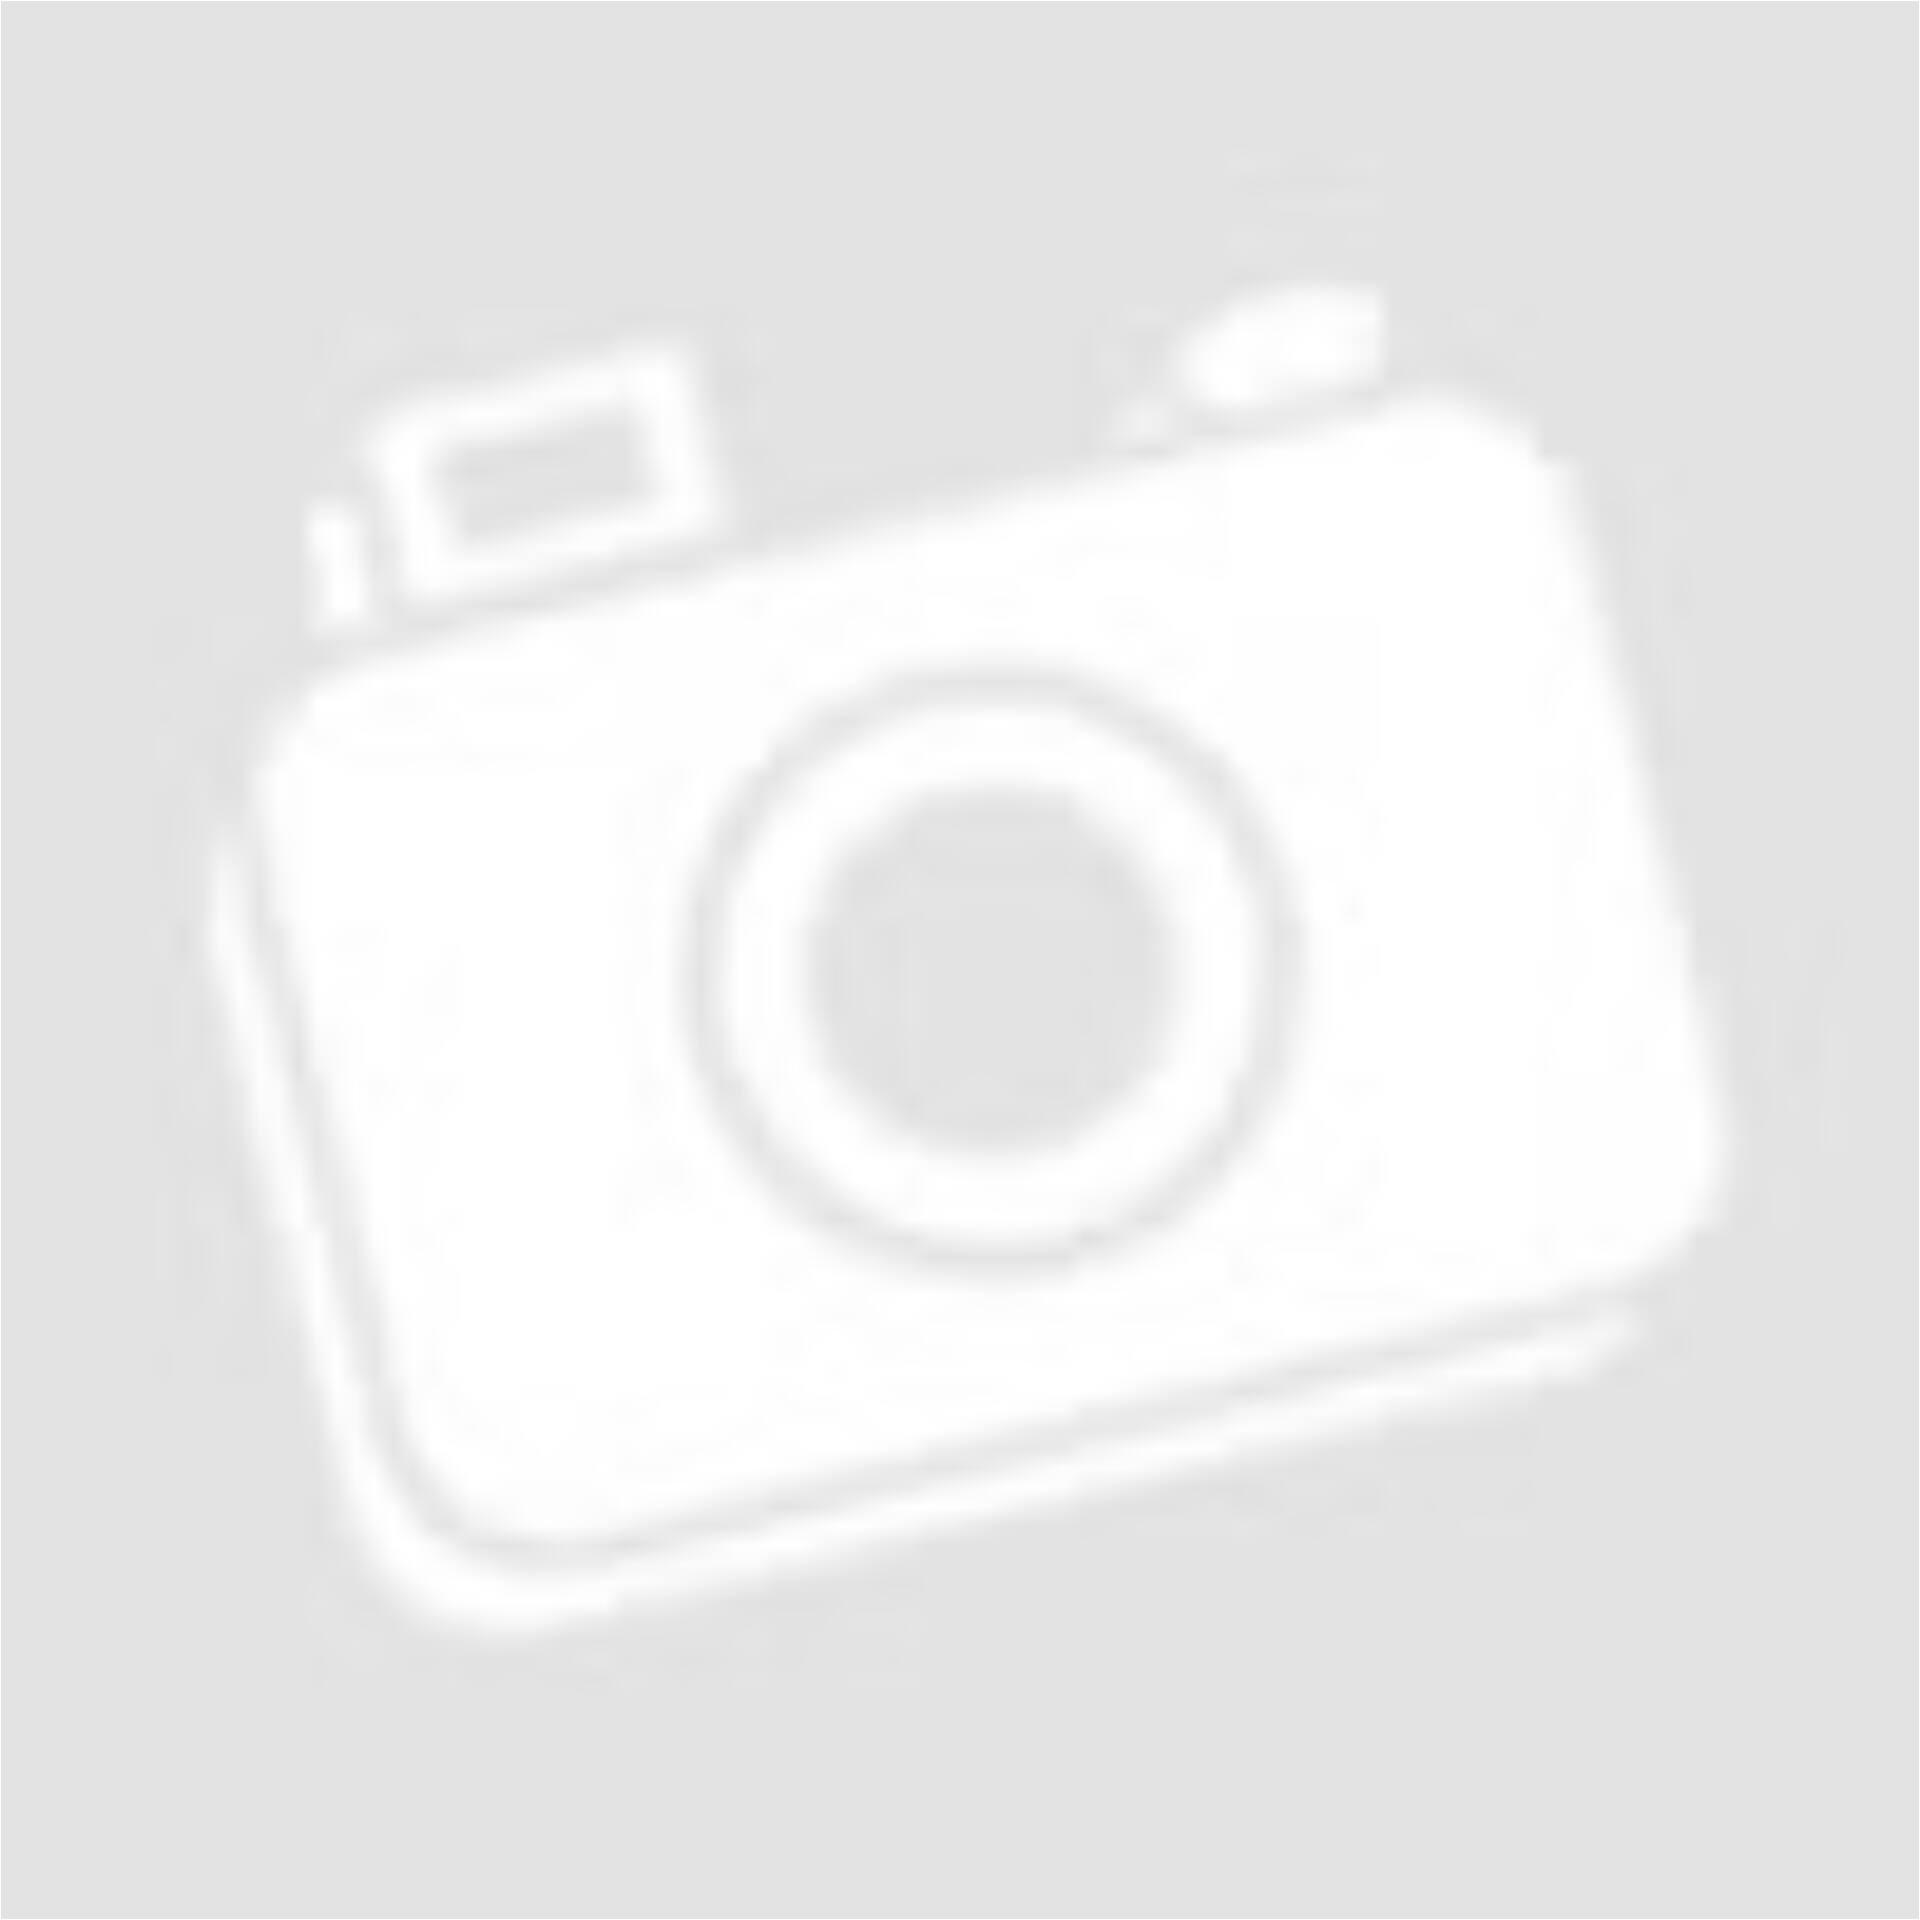 cc8be9b5e3ad H&M kék csinos szoknya (Méret: M) - Szoknya - Öltözz ki webáruház ...